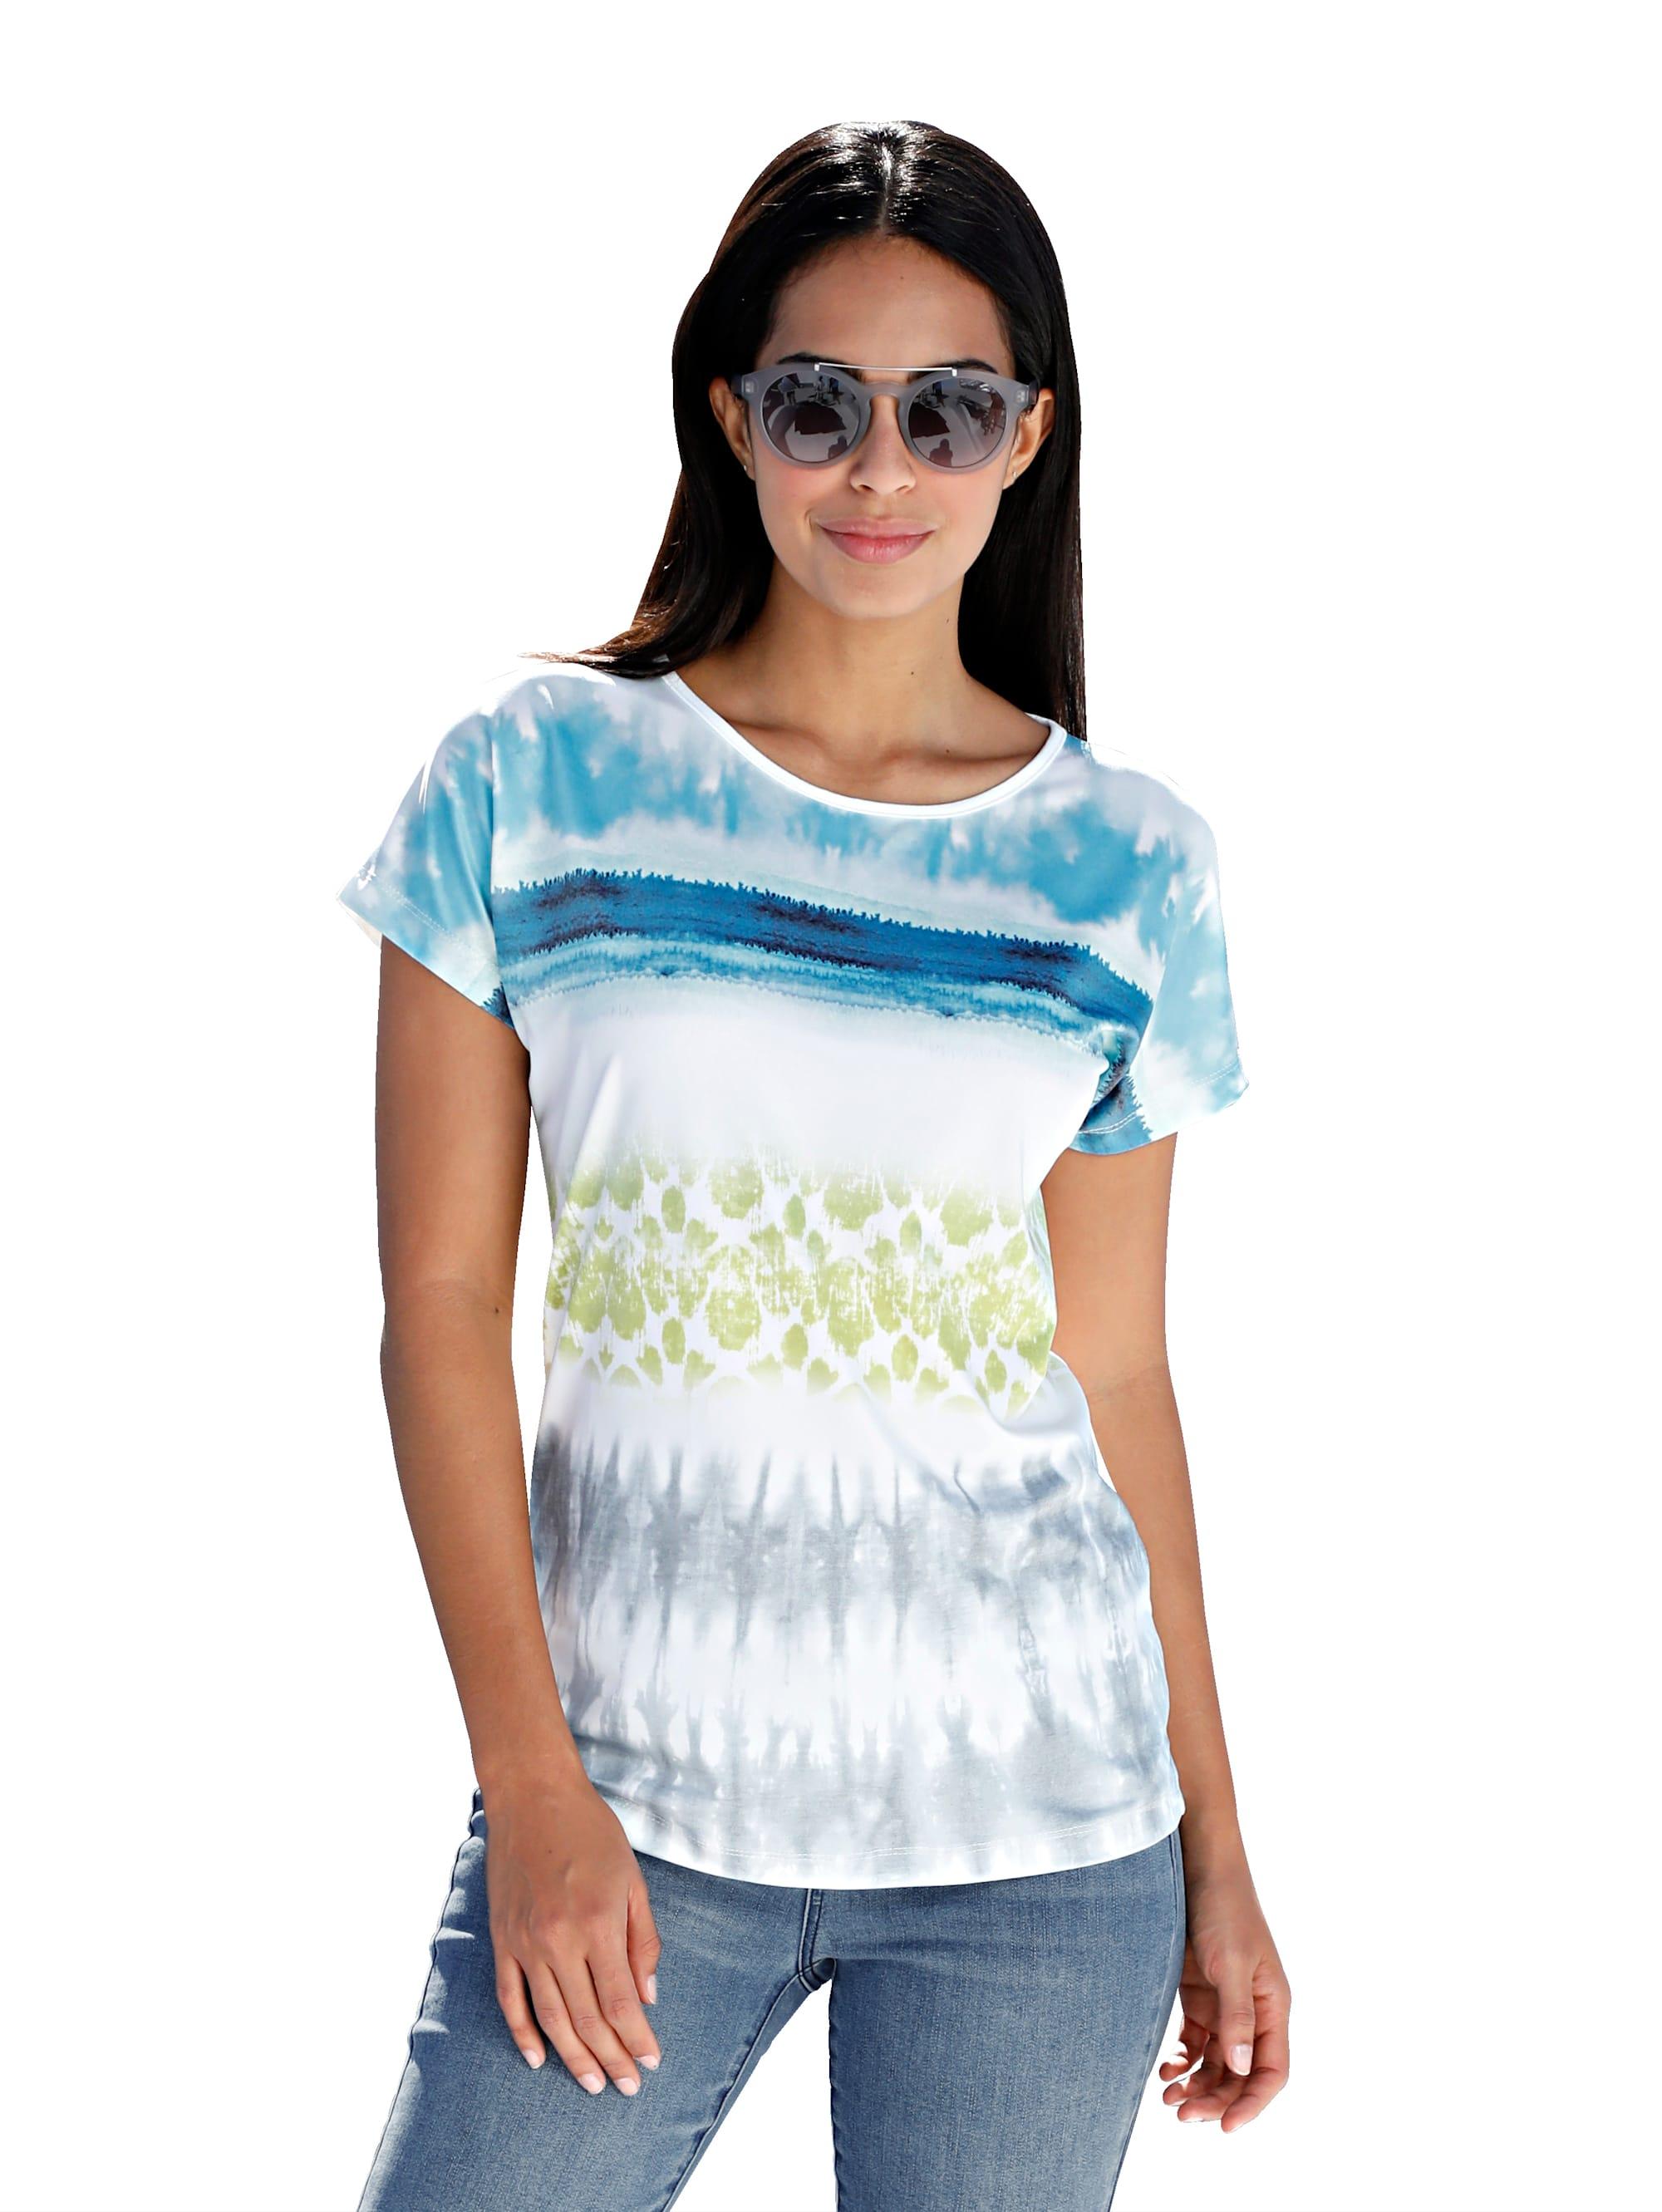 AMY VERMONT Shirt mit Batik-Druck Zc8D1 j5Uav